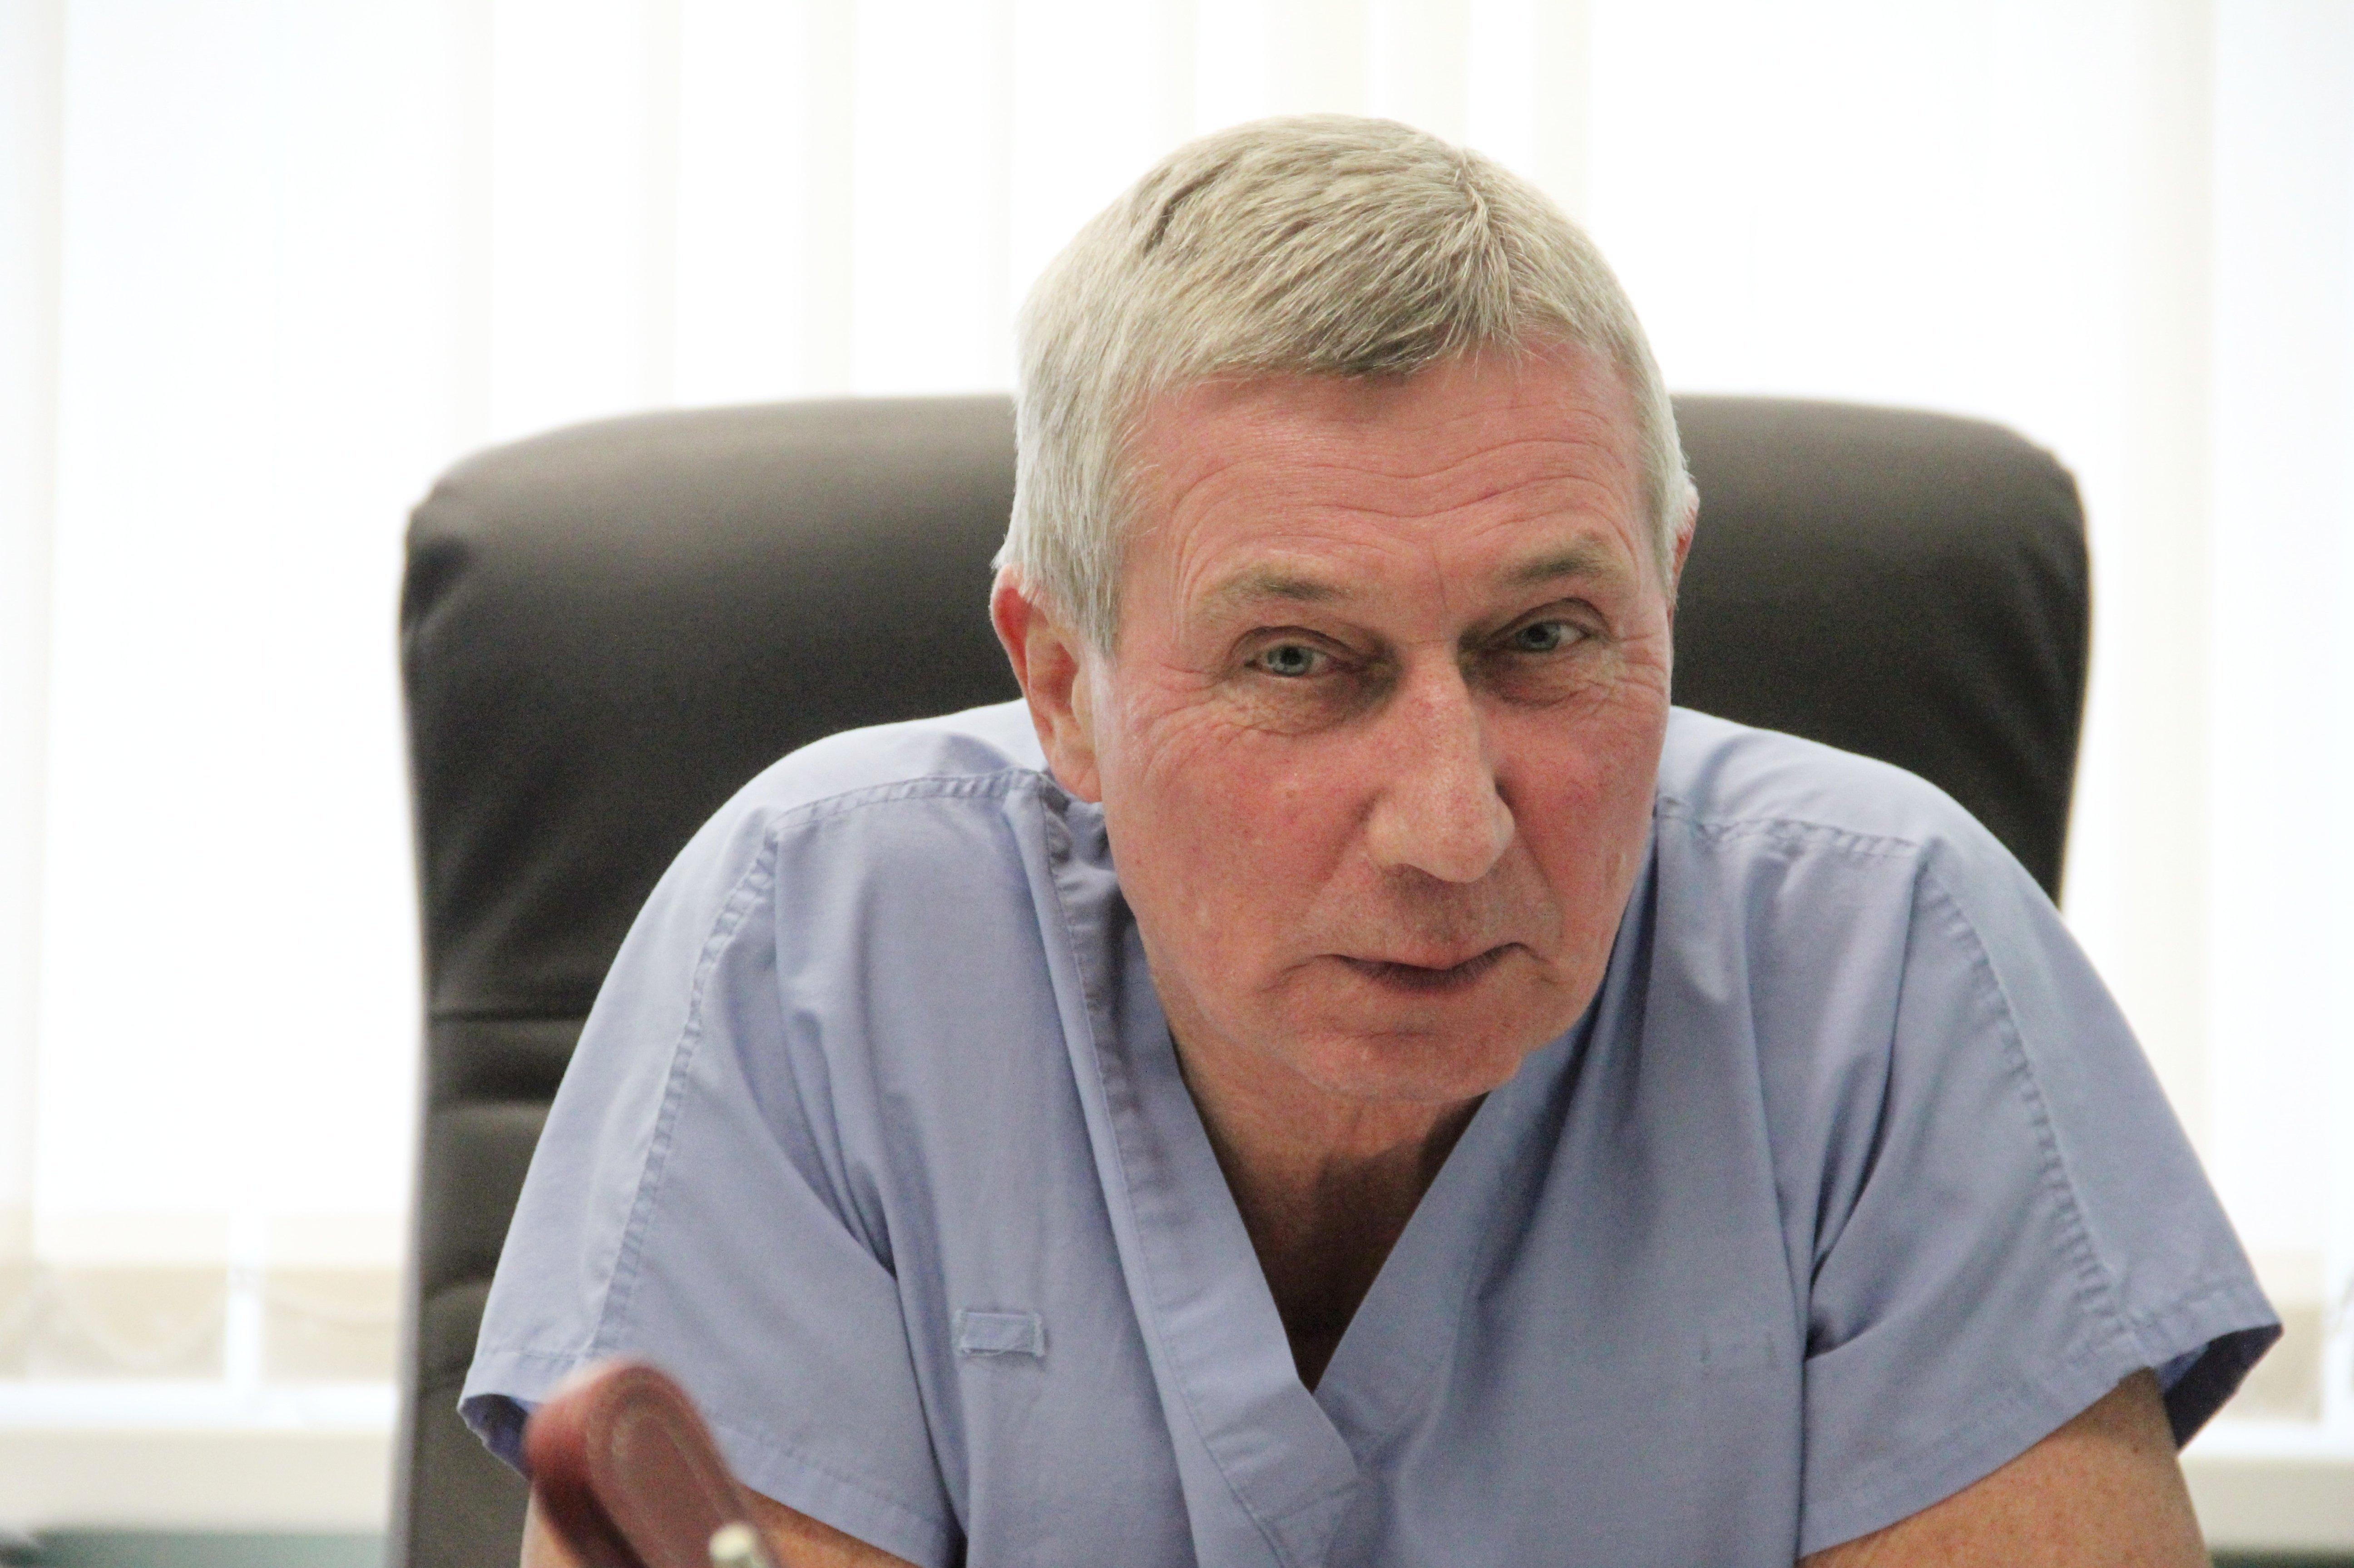 В 2009 году Островский впервые в Беларуси сделал пересадку сердца, сейчас ее делают уже 4 или 5 специалистов: хорошую смену вырастили, надежную - говорит он